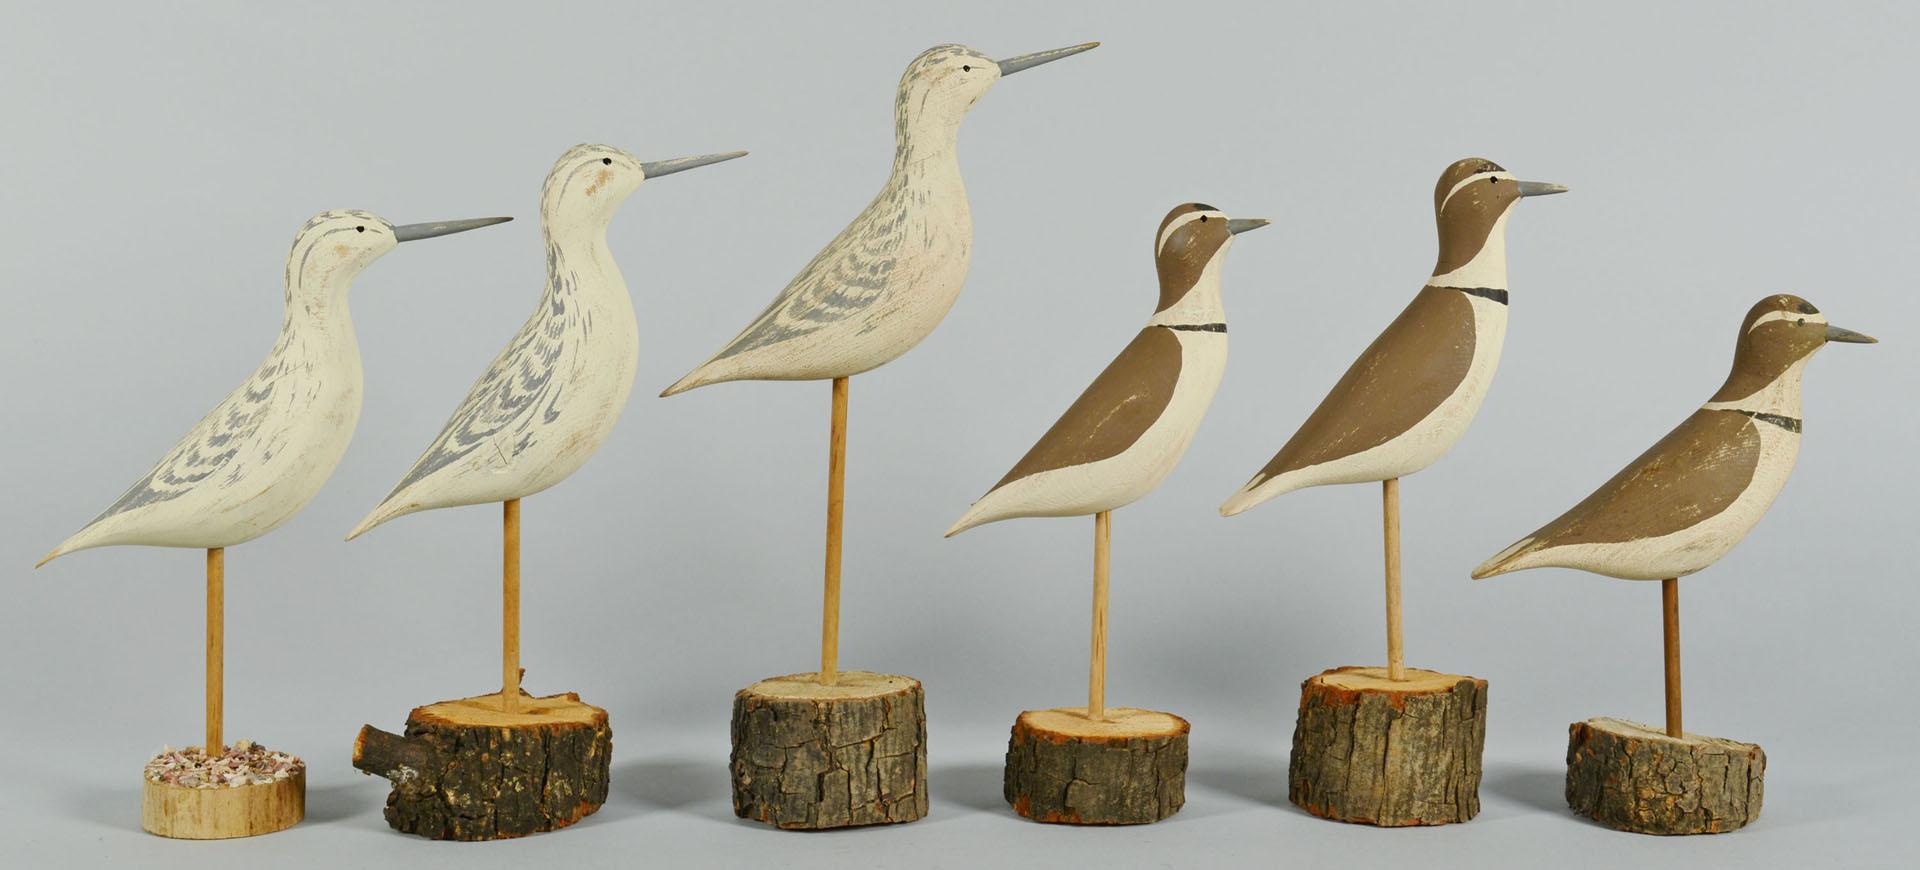 Lot 551: 13 Shorebirds by Ralph Coykendall